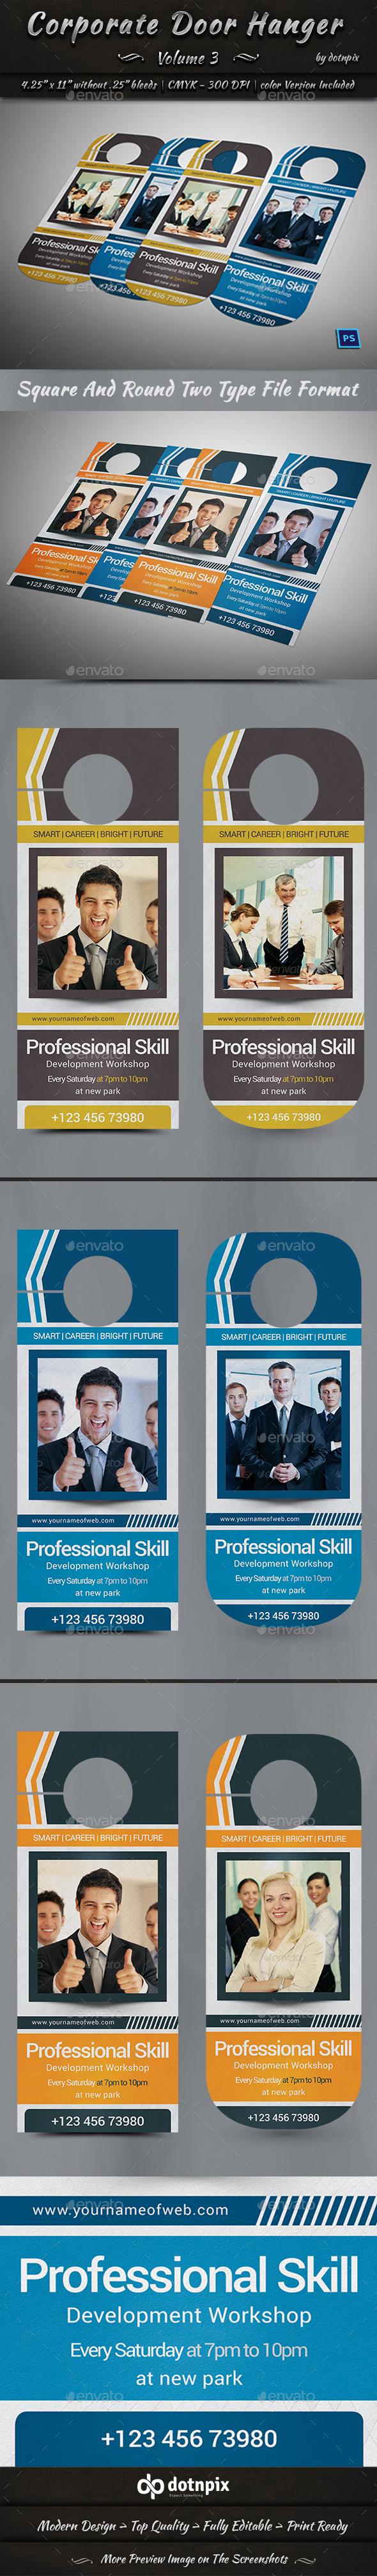 Corporate Door Hanger - V3 - Miscellaneous Print Templates